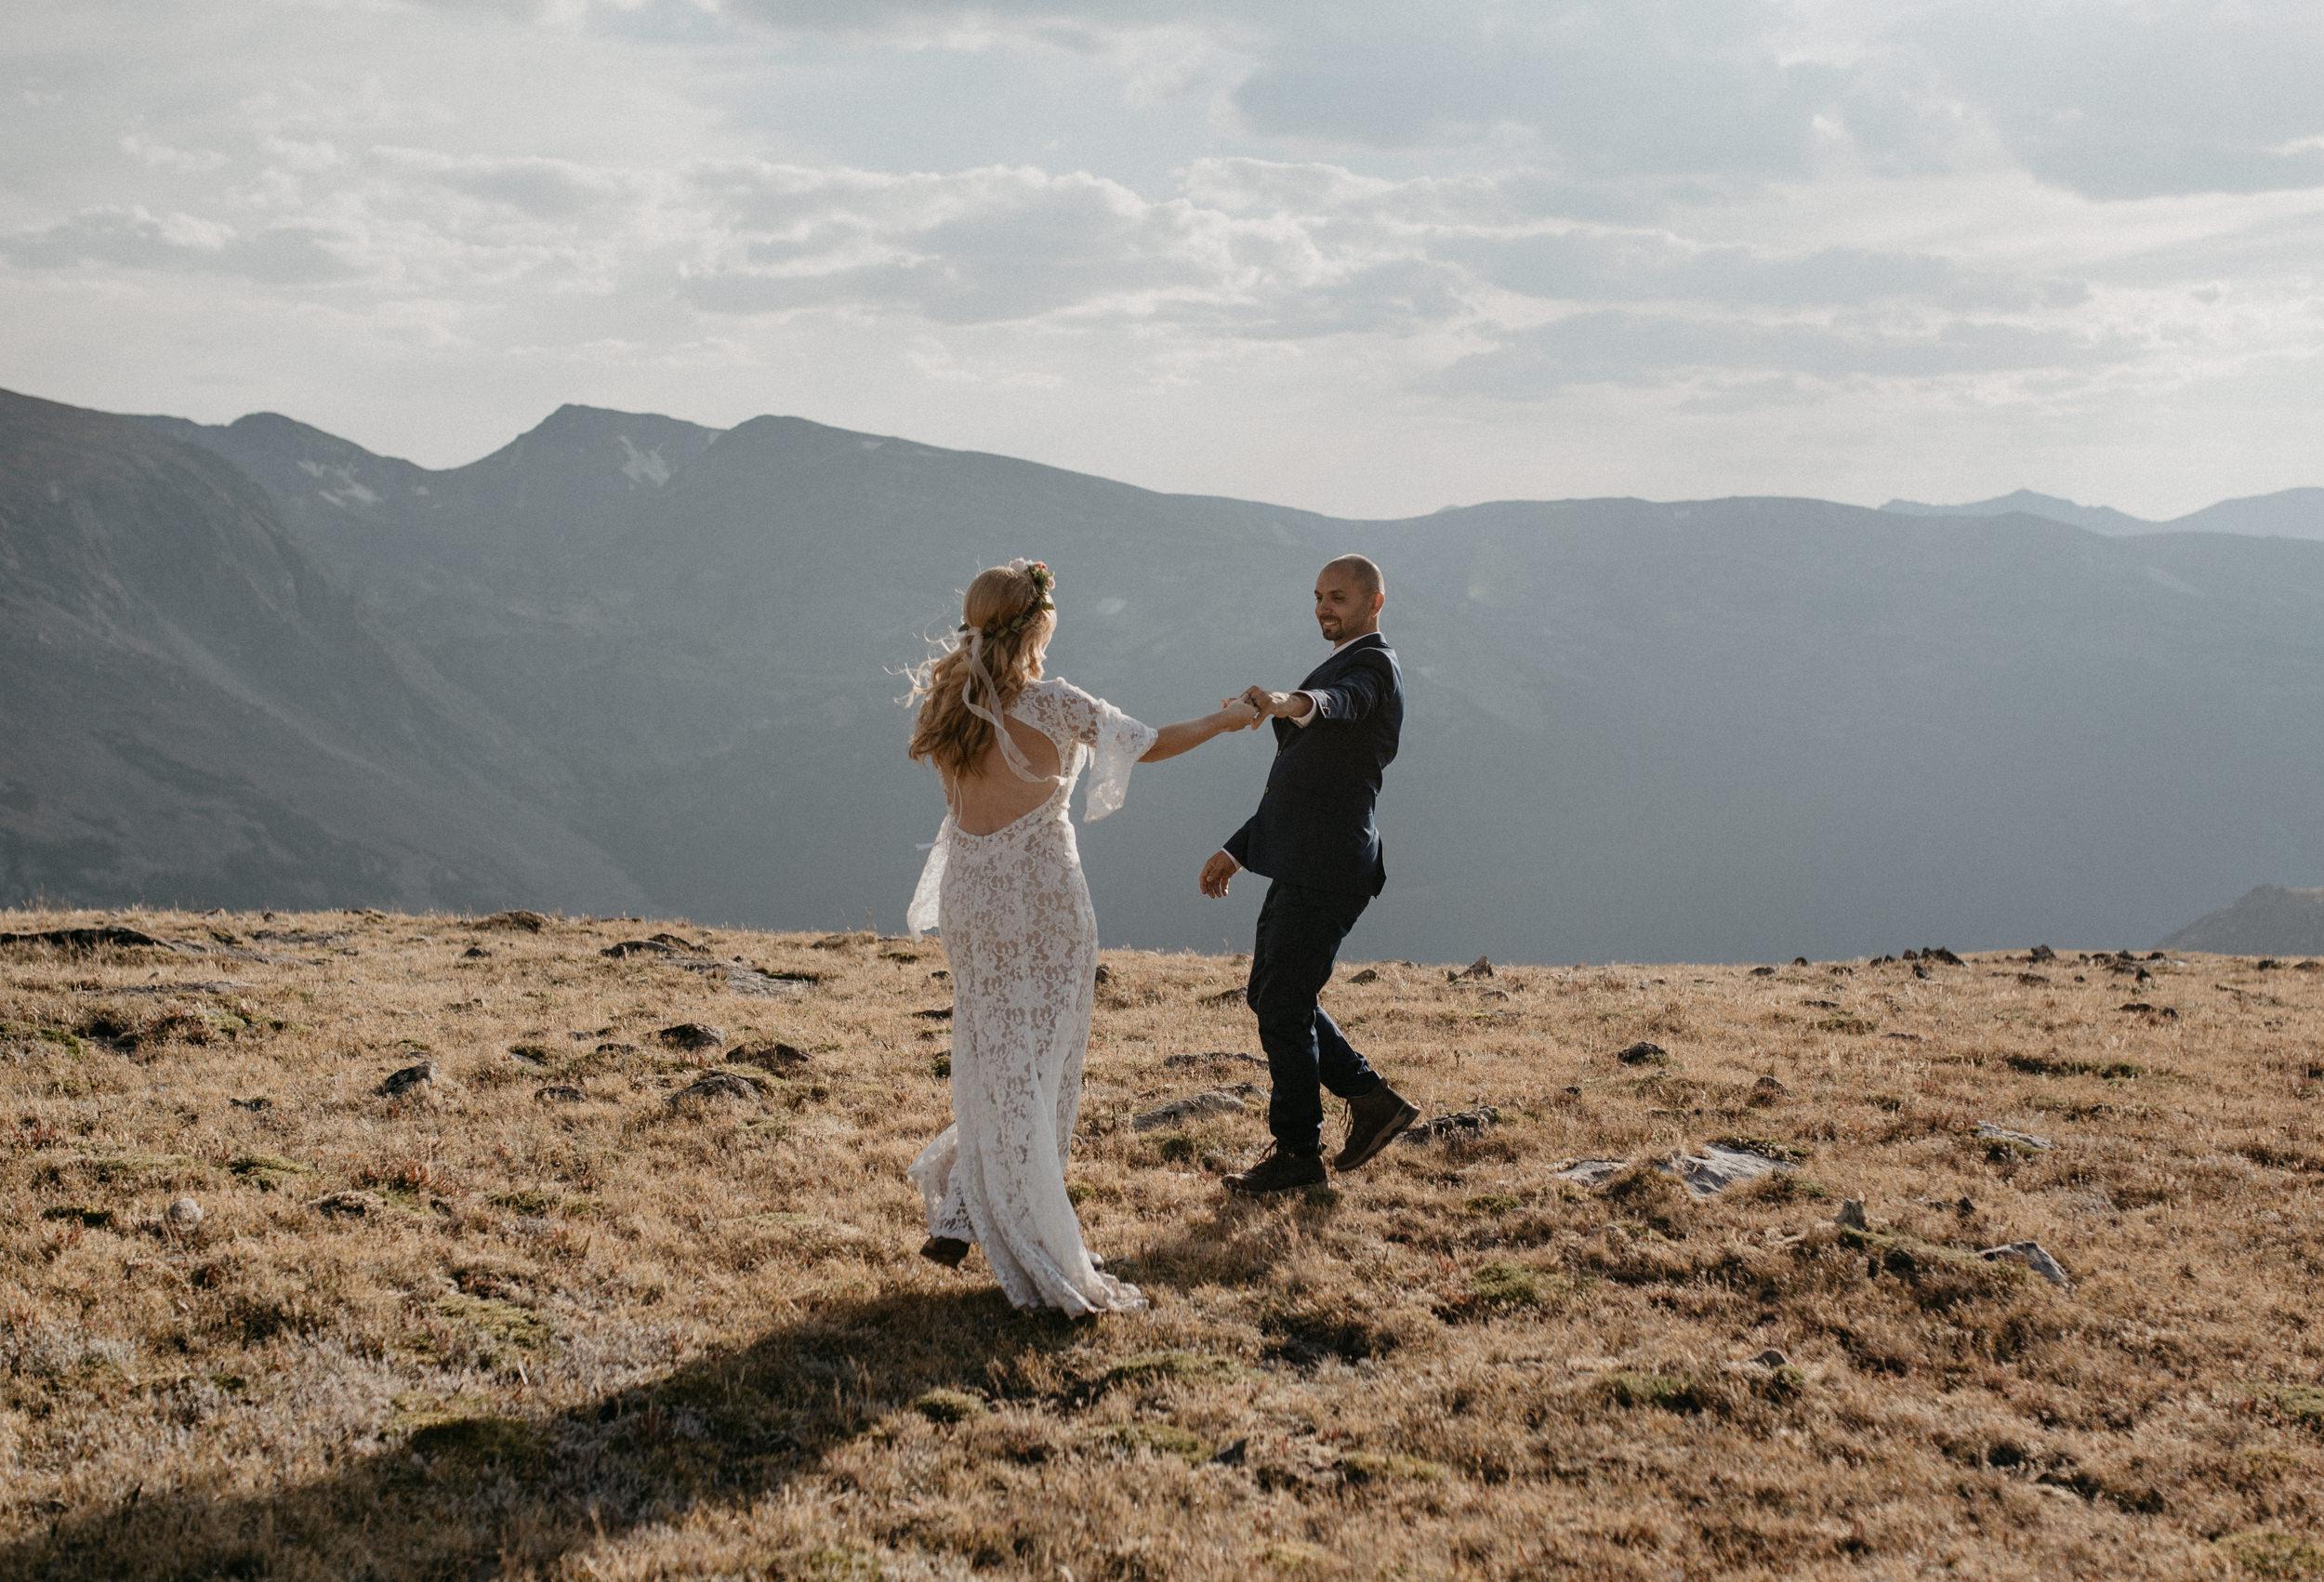 Colorado mountain wedding photographer, Alyssa Reinhold.